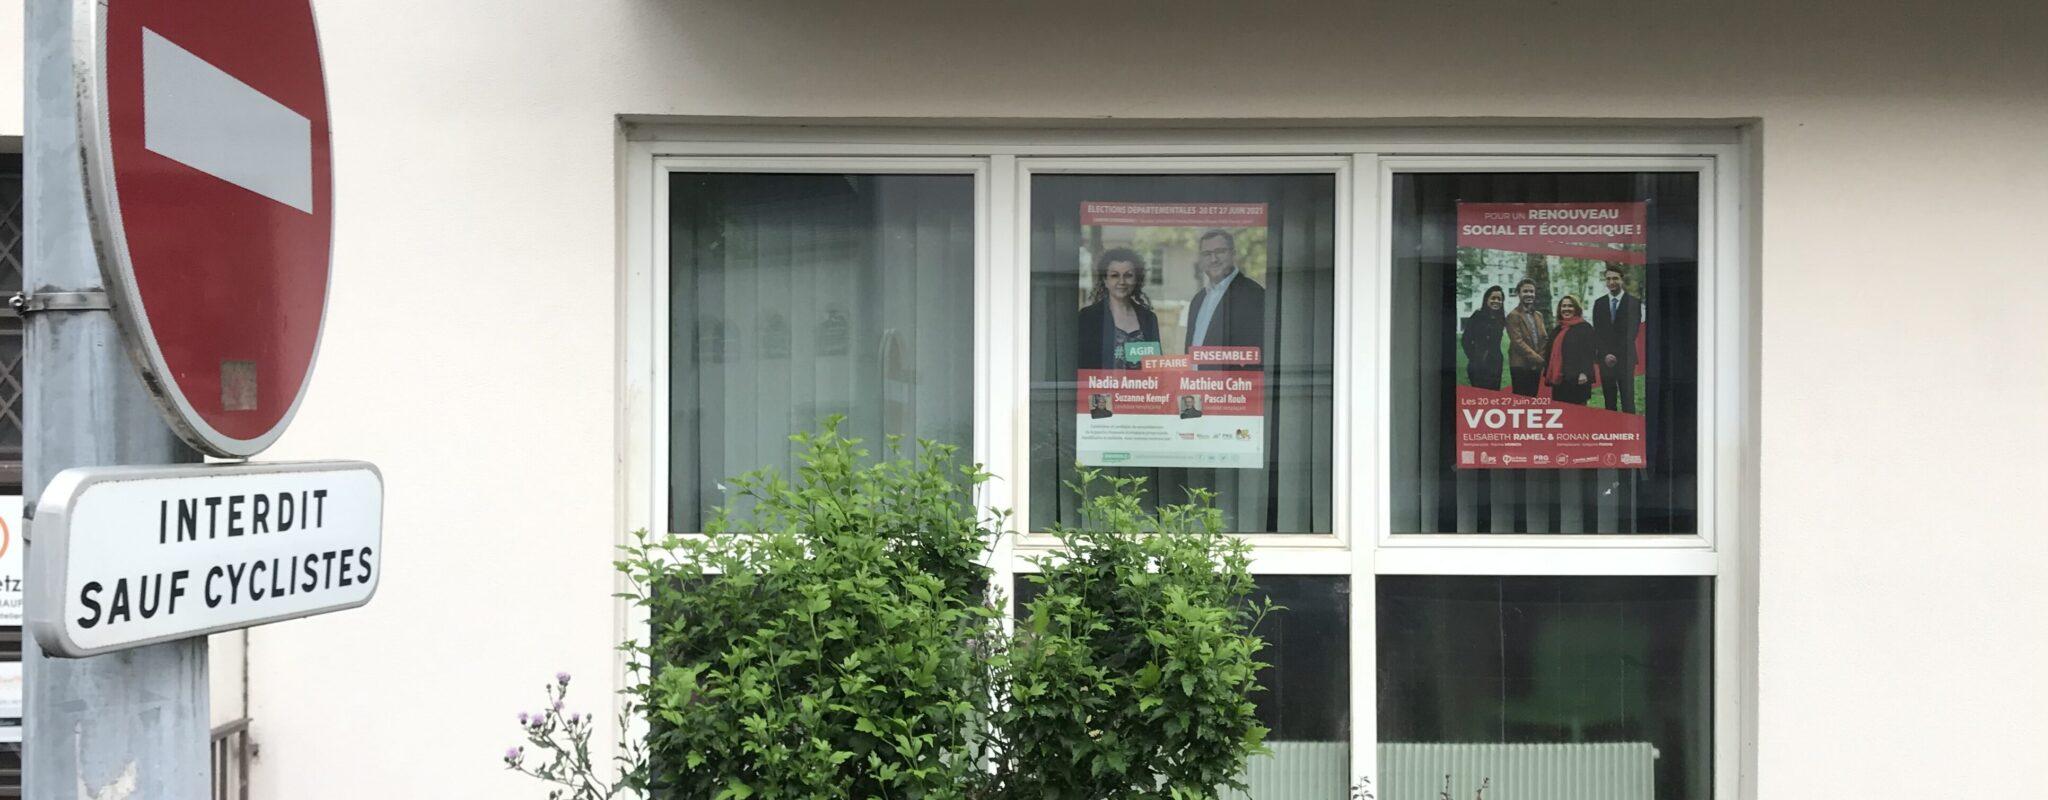 Départementales à Strasbourg: pourquoi le Parti socialiste n'arrive pas à choisir entre les écologistes et la droite